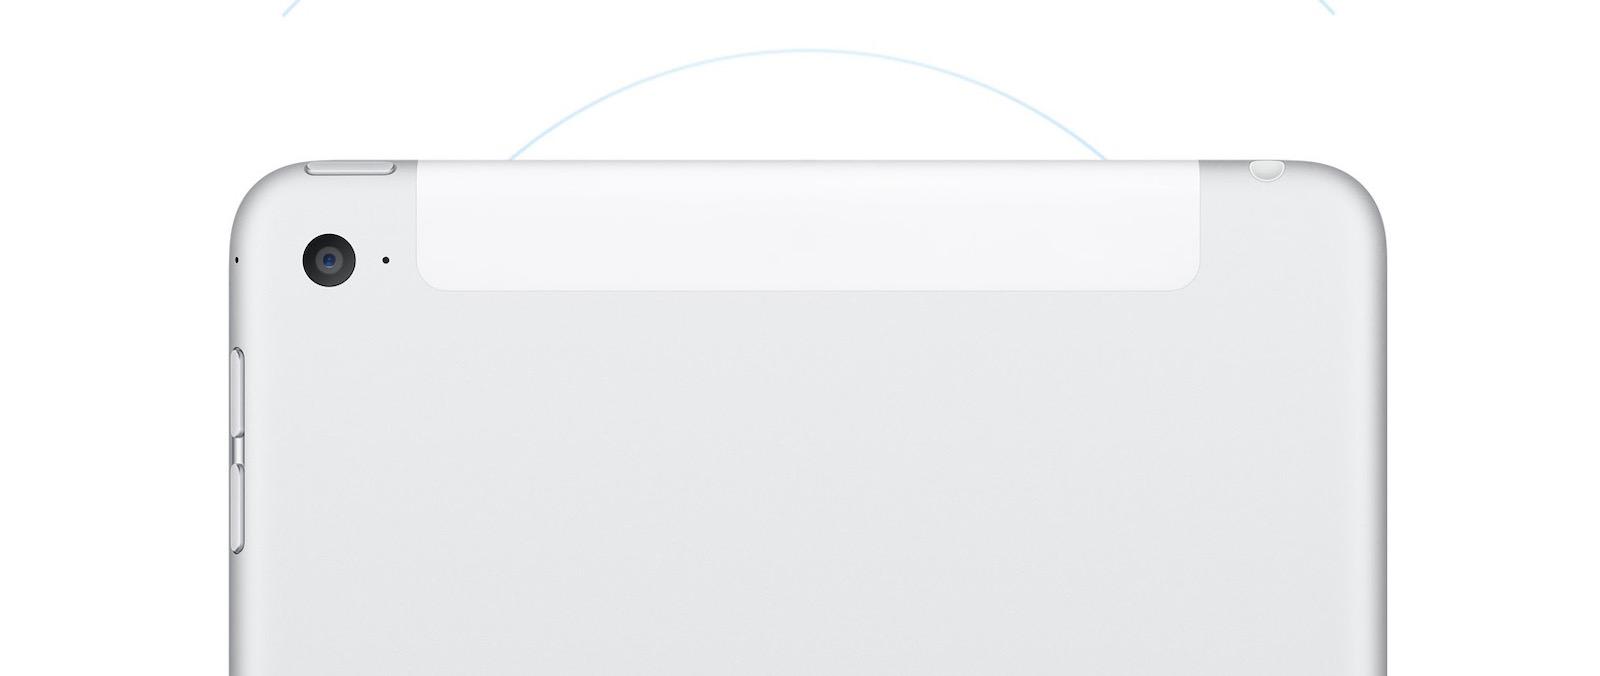 Ipad mini 4 antenna